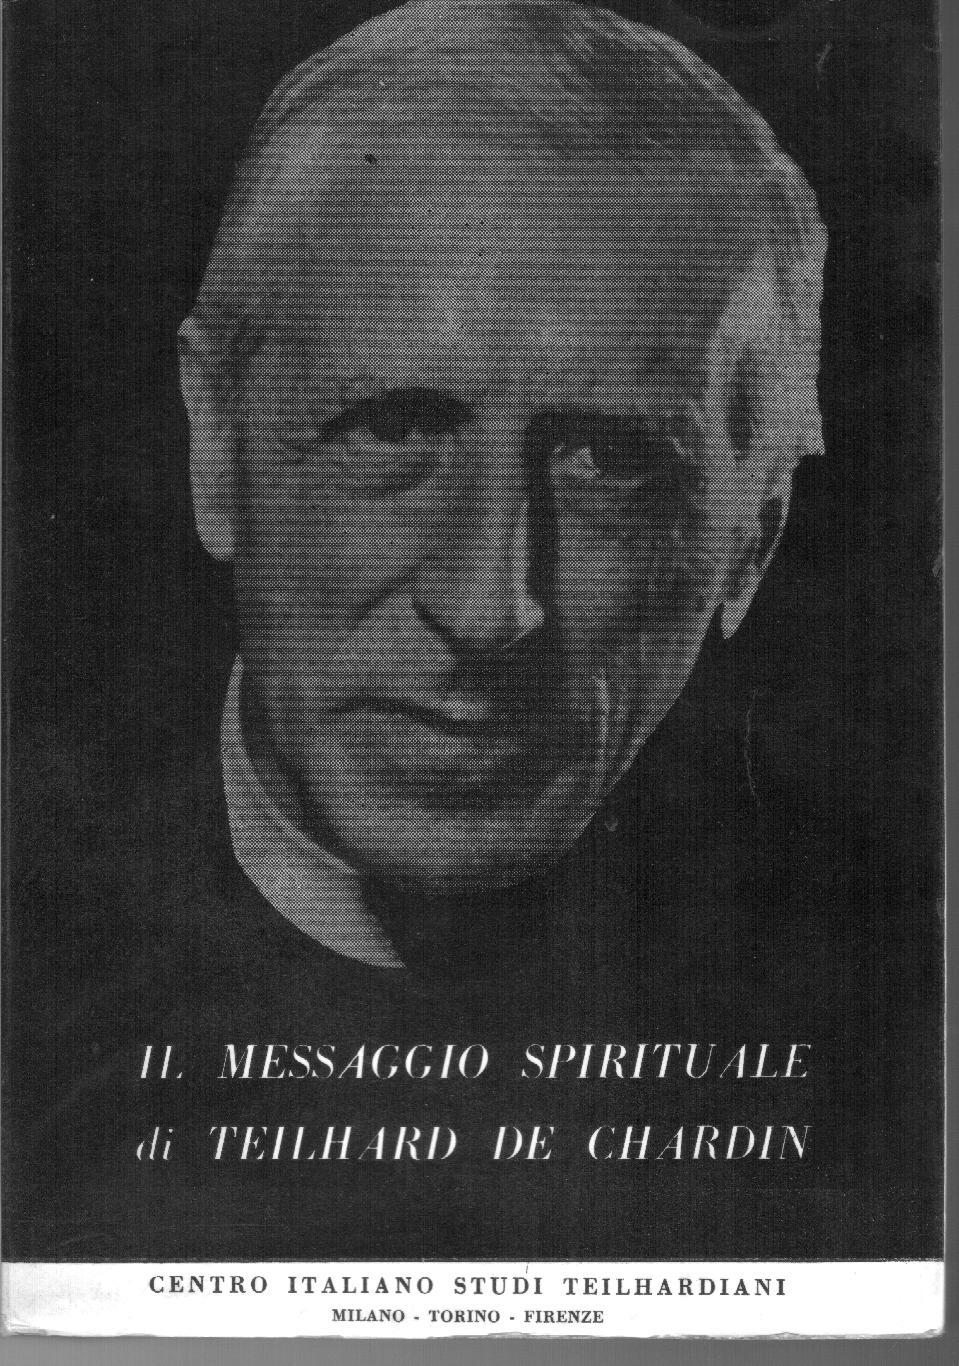 Il messaggio spirituale di Teilhard de Chardin